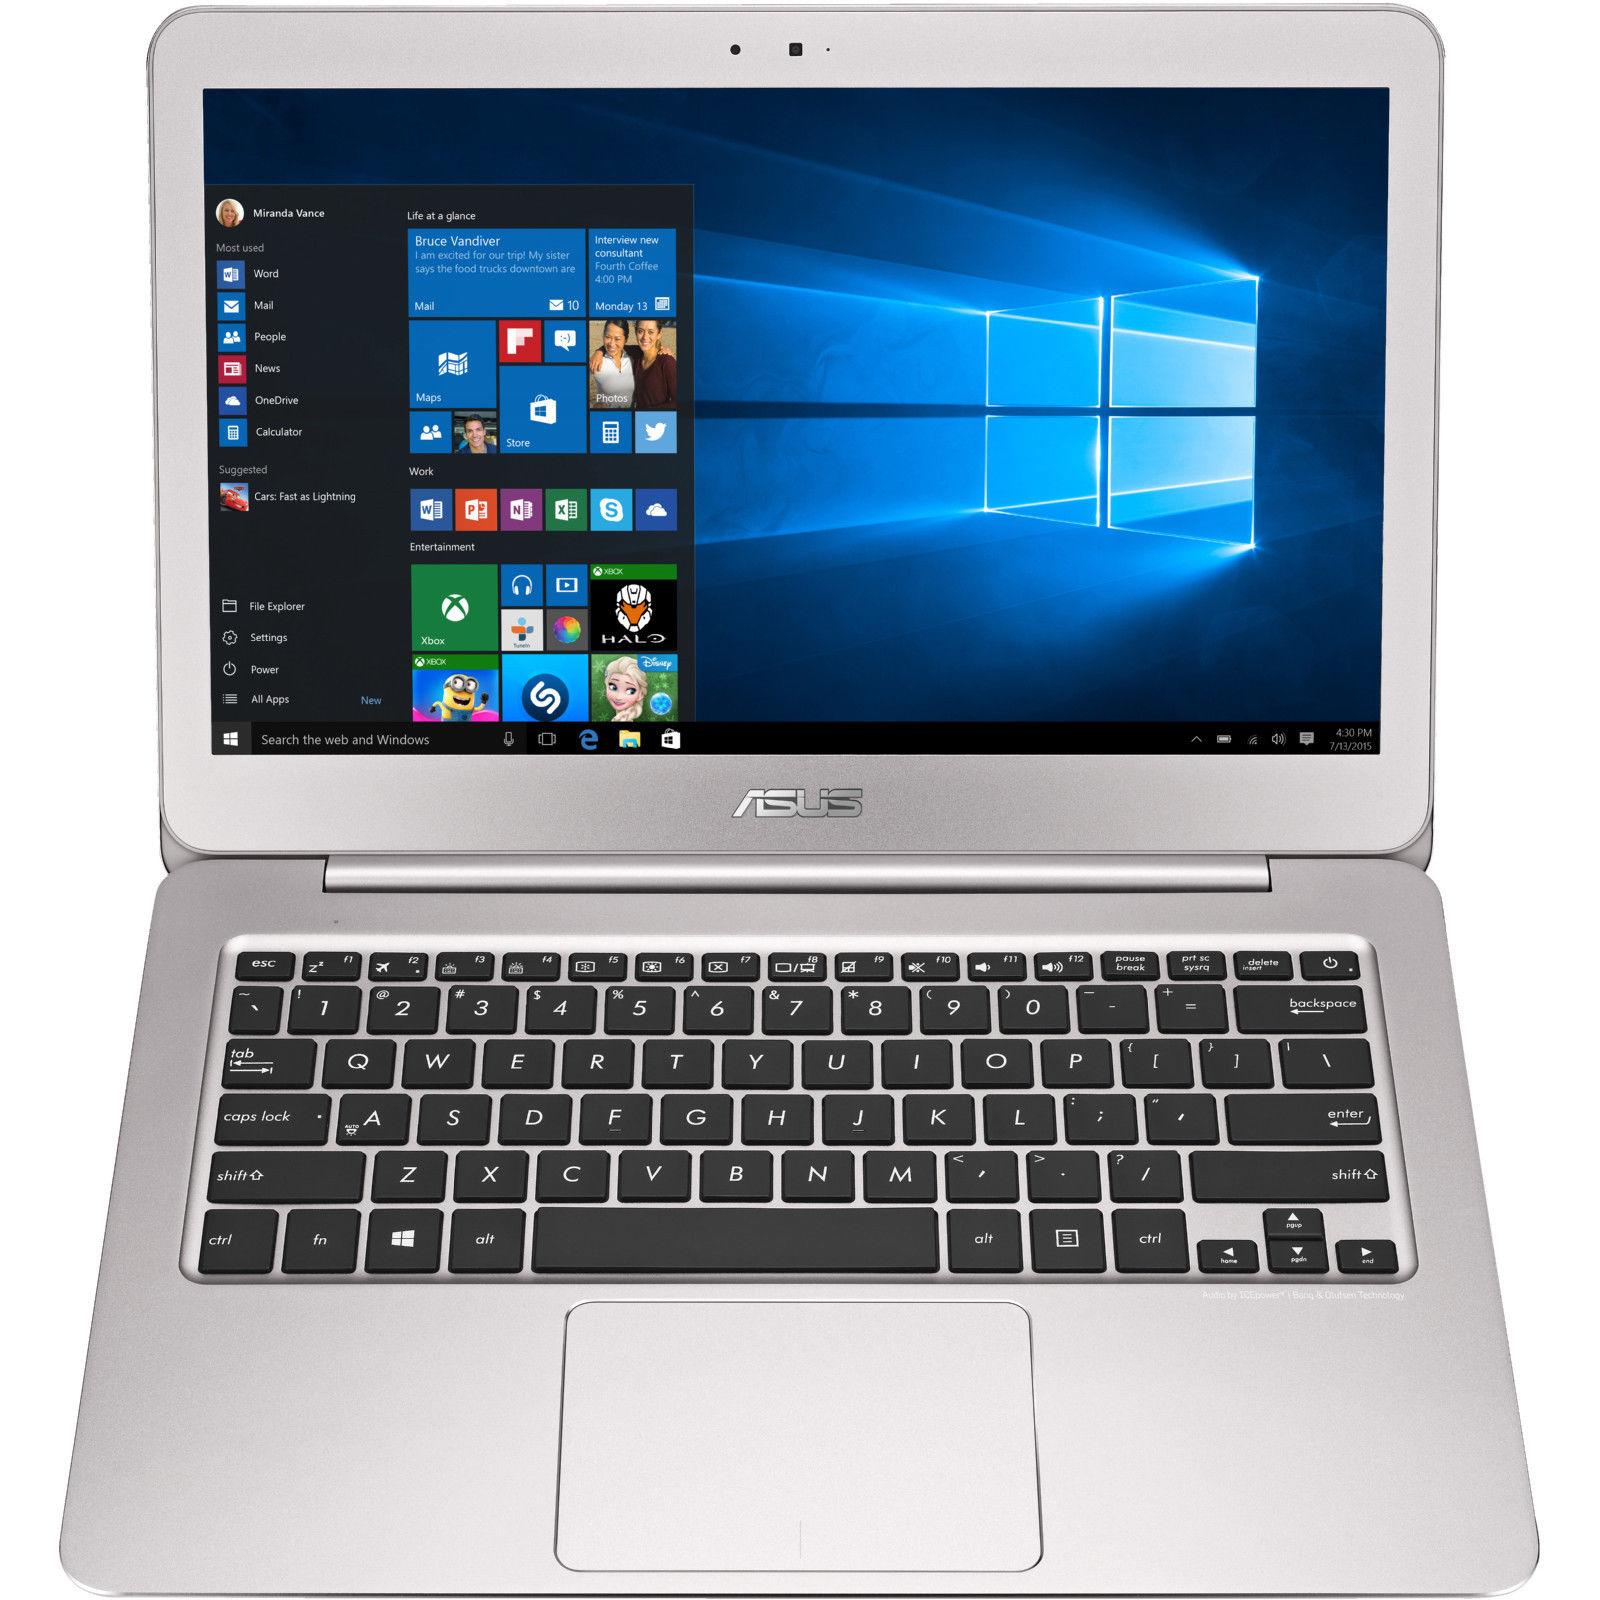 """Asus Zenbook UX305UA-FC086T, 13,3"""" FHD entspiegelt,  i7-6500U, 8GB RAM, 256GB SSD bei Mediamarkt @ ebay für 829 €"""